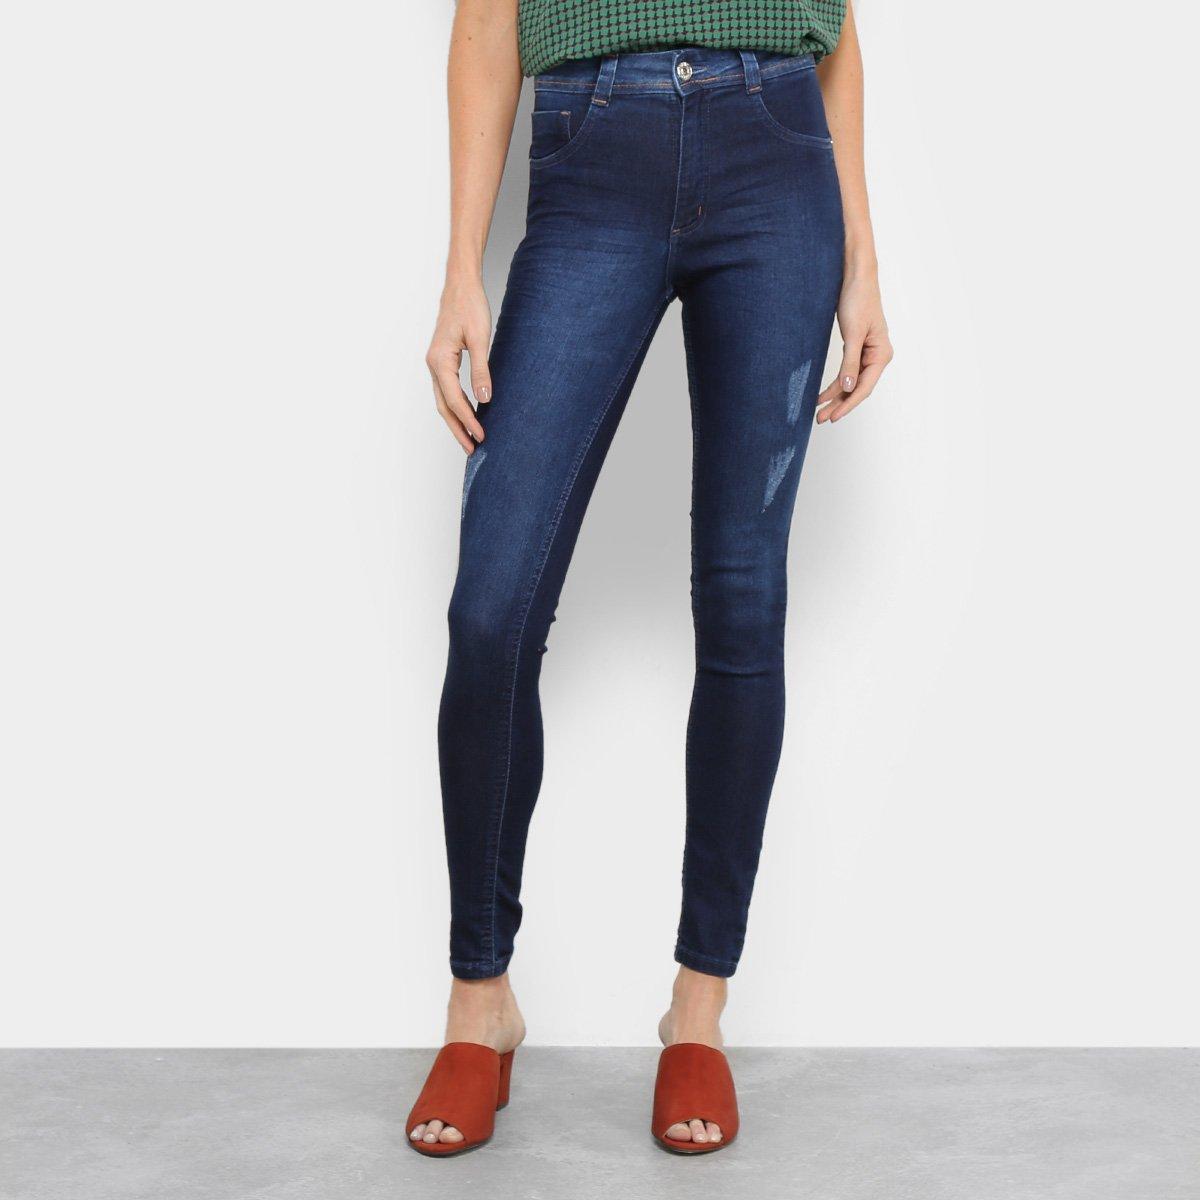 1a807de9a Calça Jeans Skinny Biotipo Melissa Cintura Média Bigode Feminina | Opte+